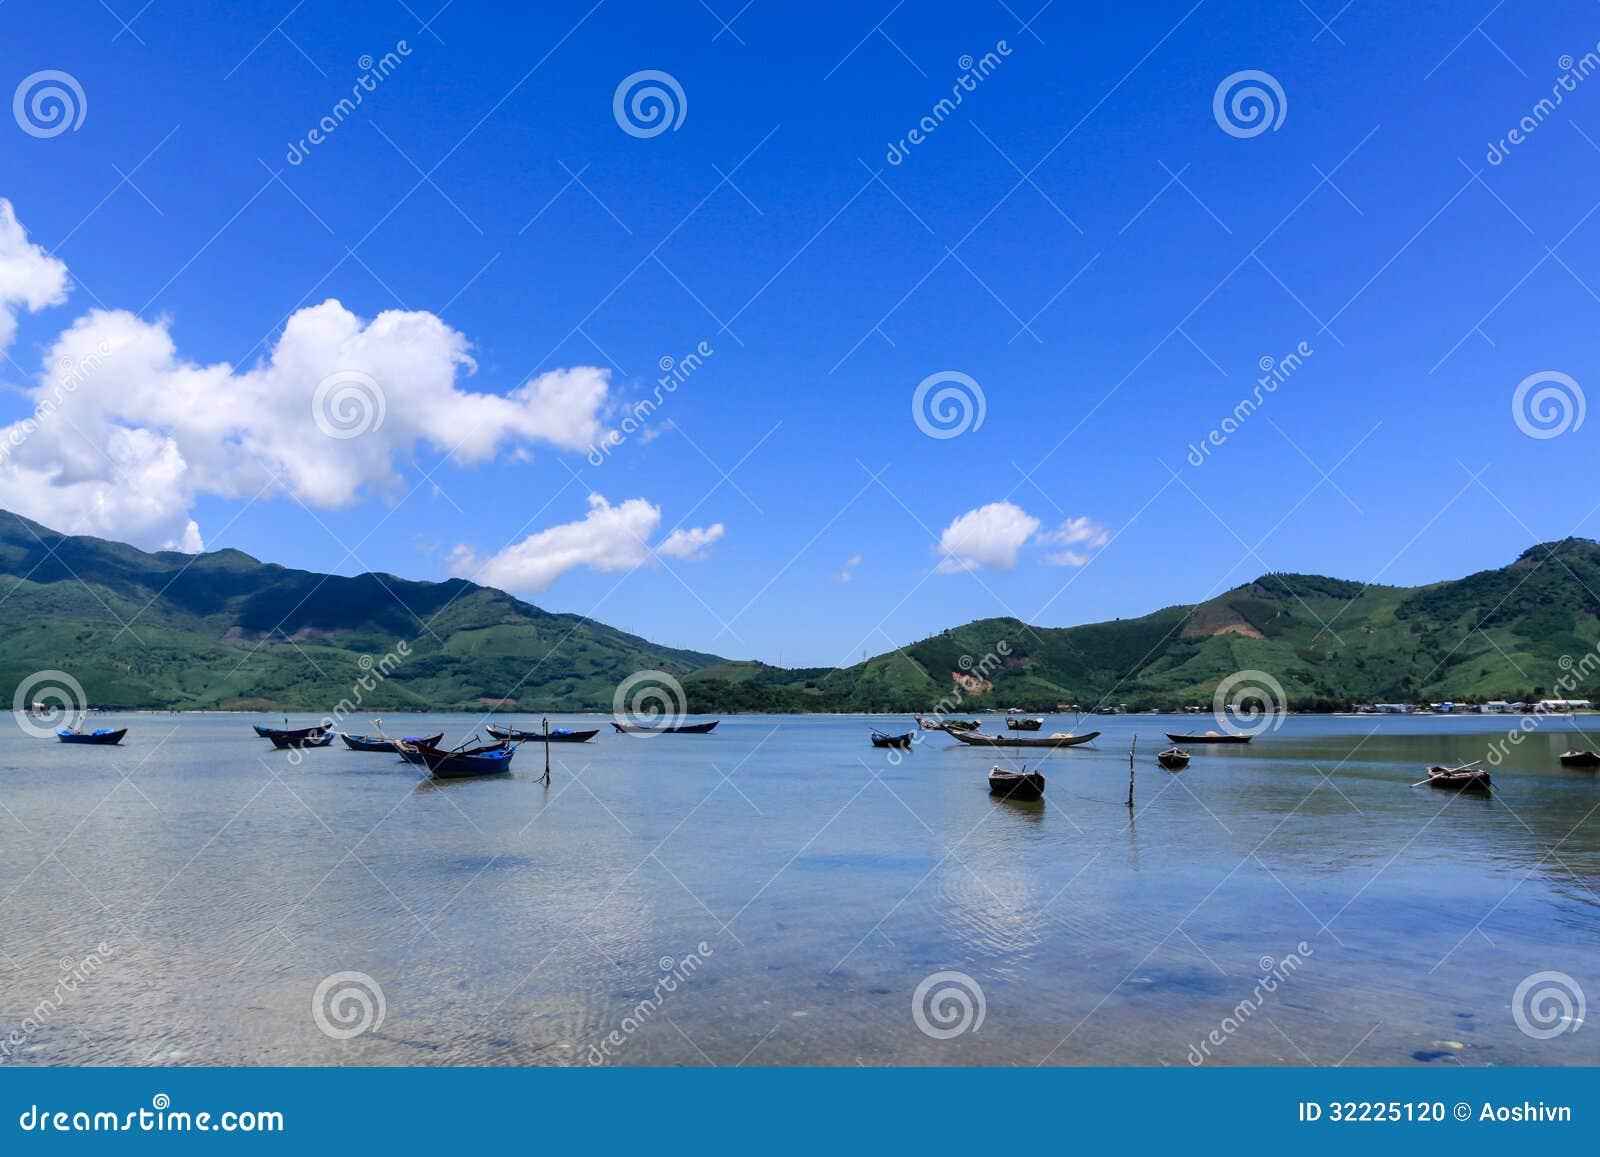 Download Paisagem com barco foto de stock. Imagem de educacional - 32225120